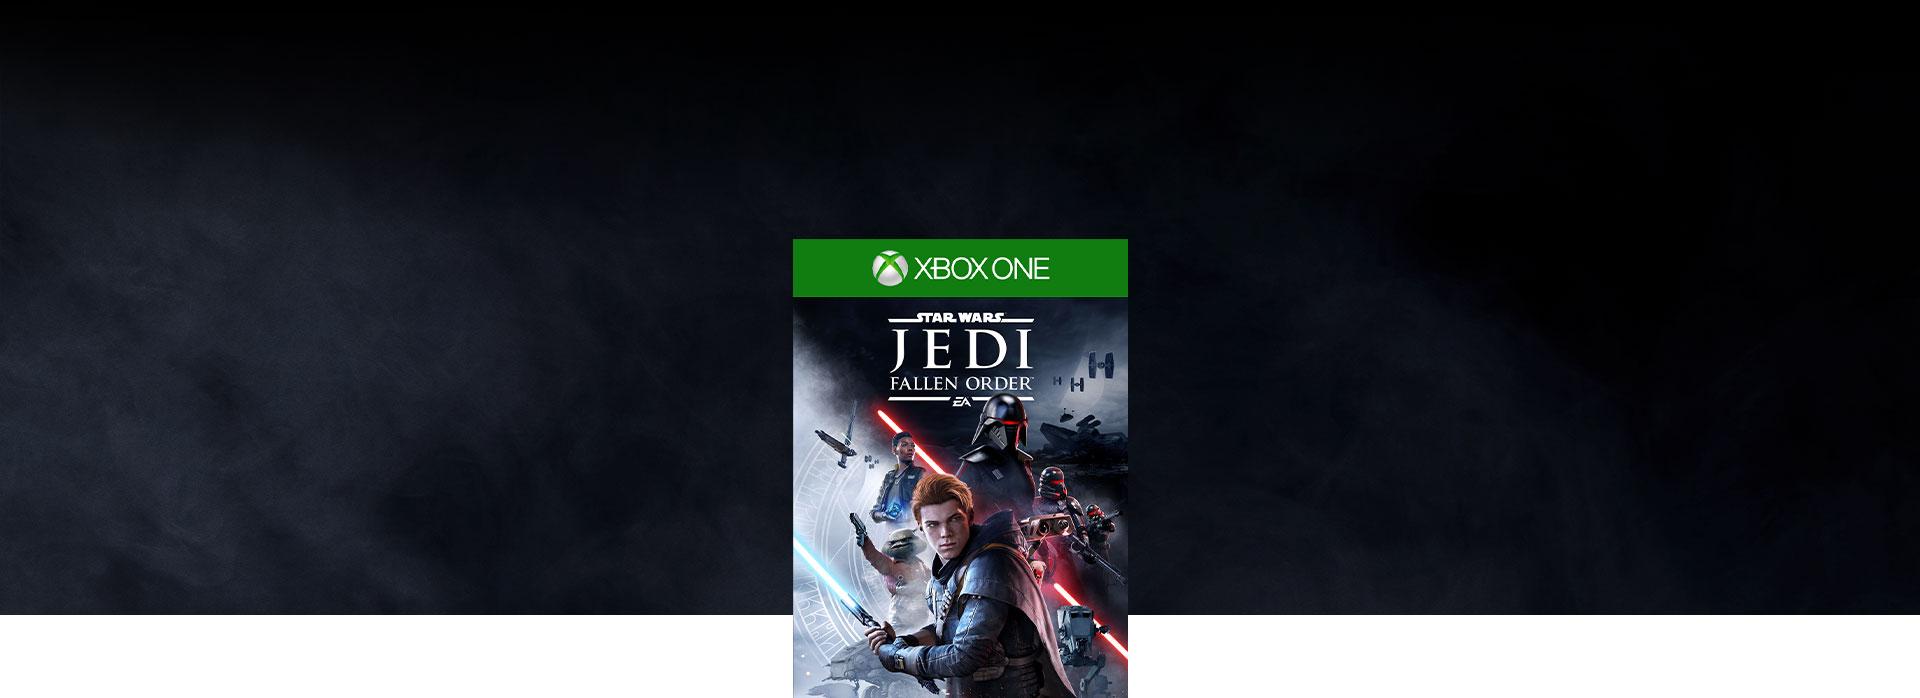 Obrázek krabičky hry Star Wars Jedi: Fallen Order™ s kouřem v pozadí